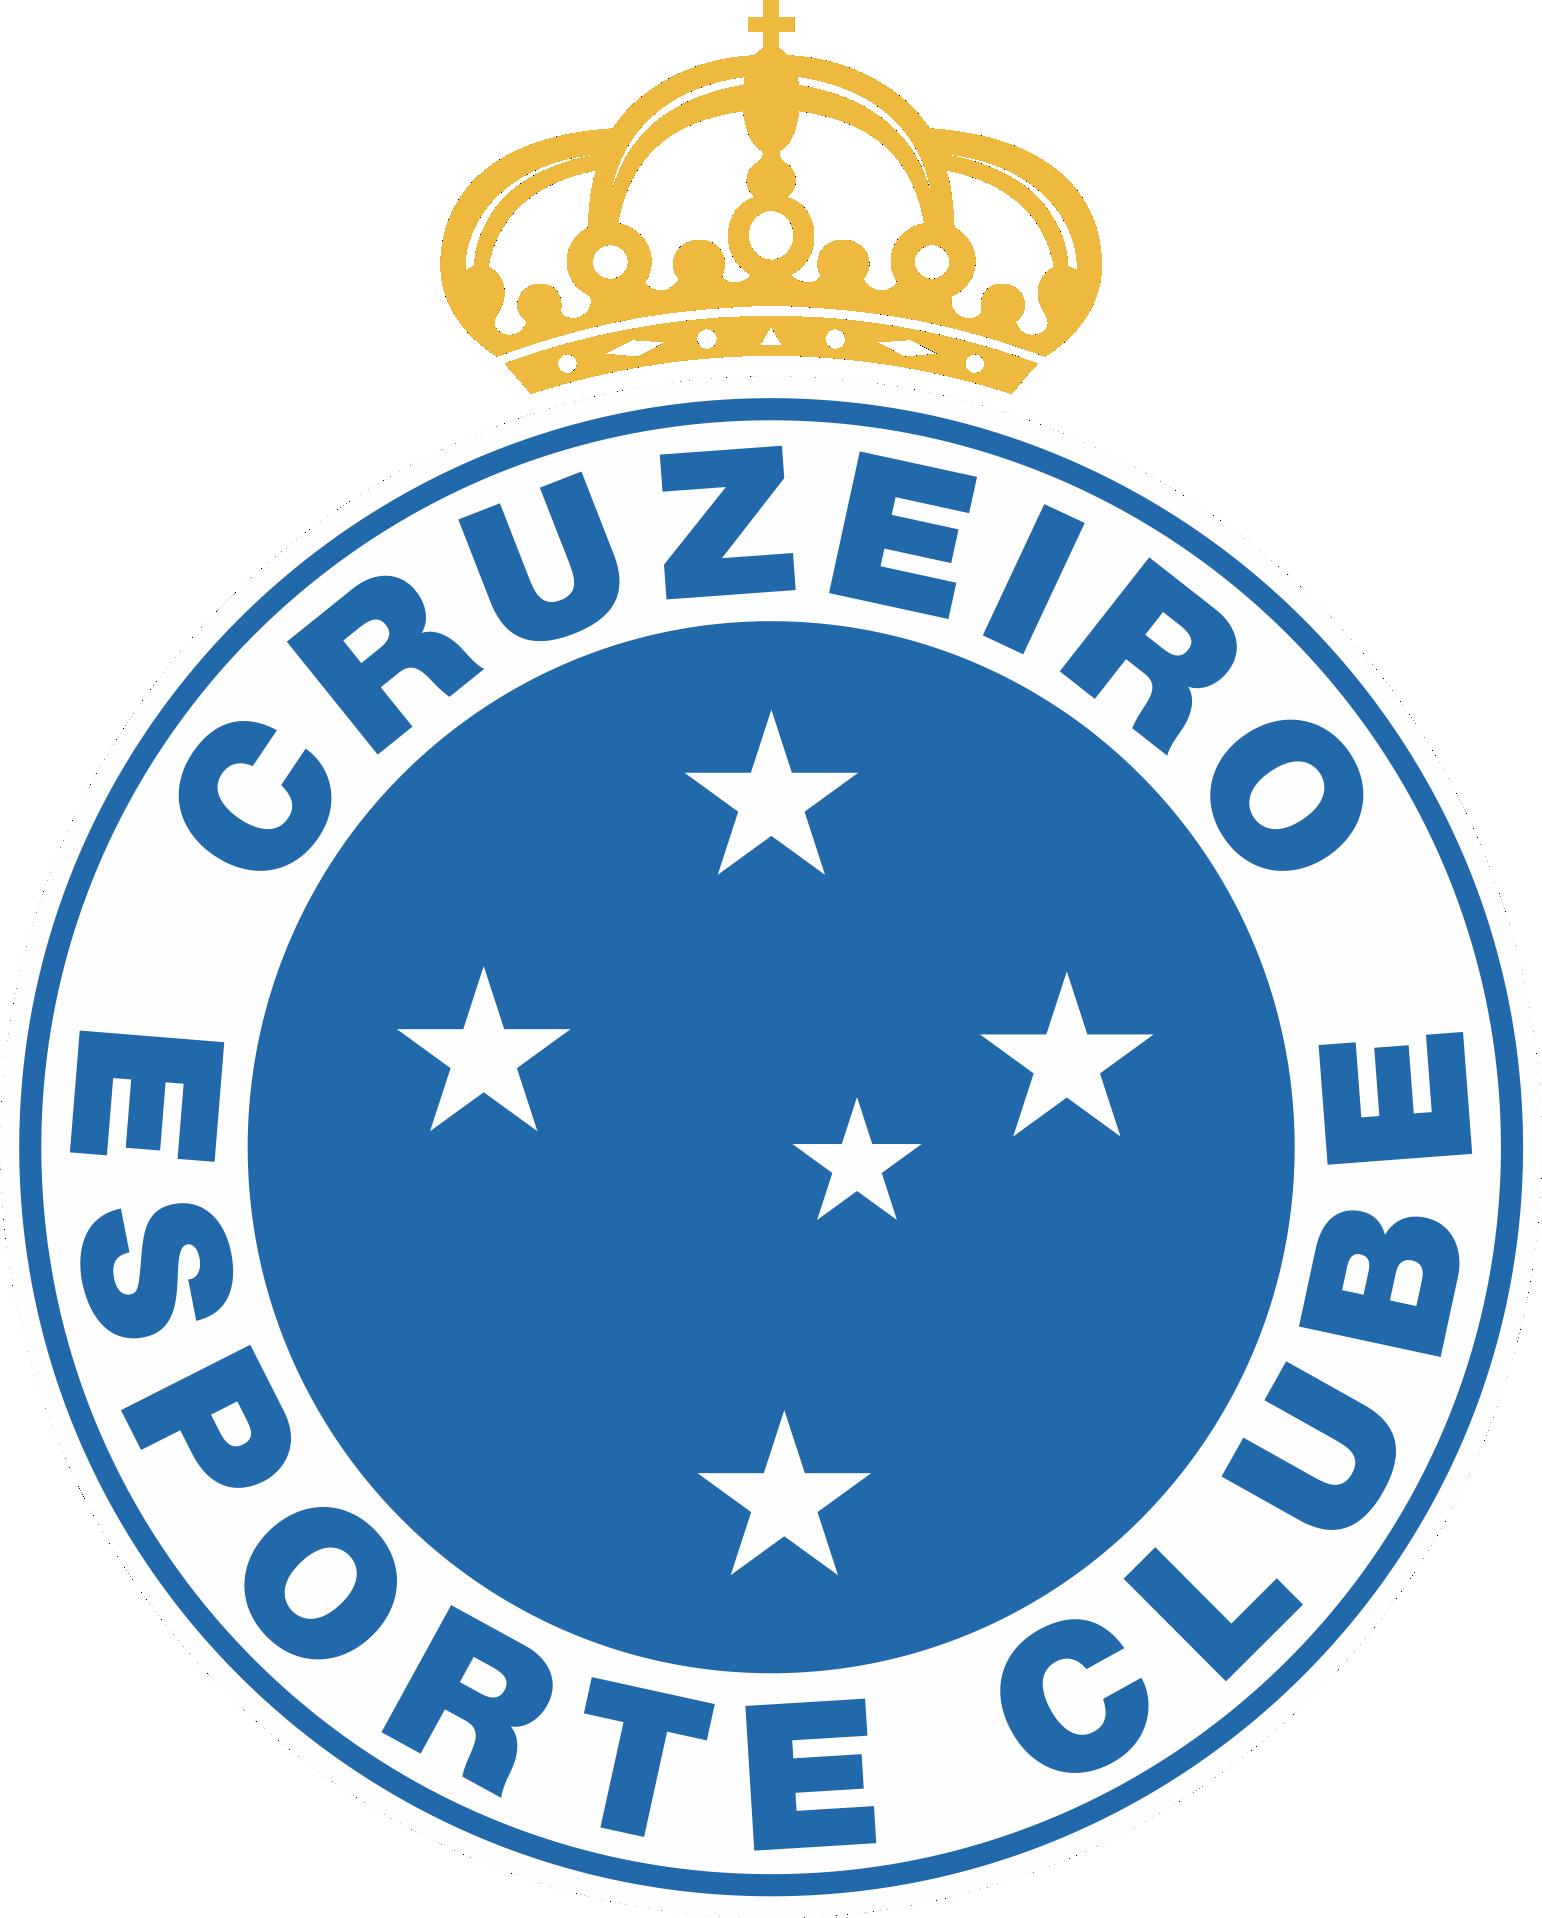 Crueiro Esporte Clube